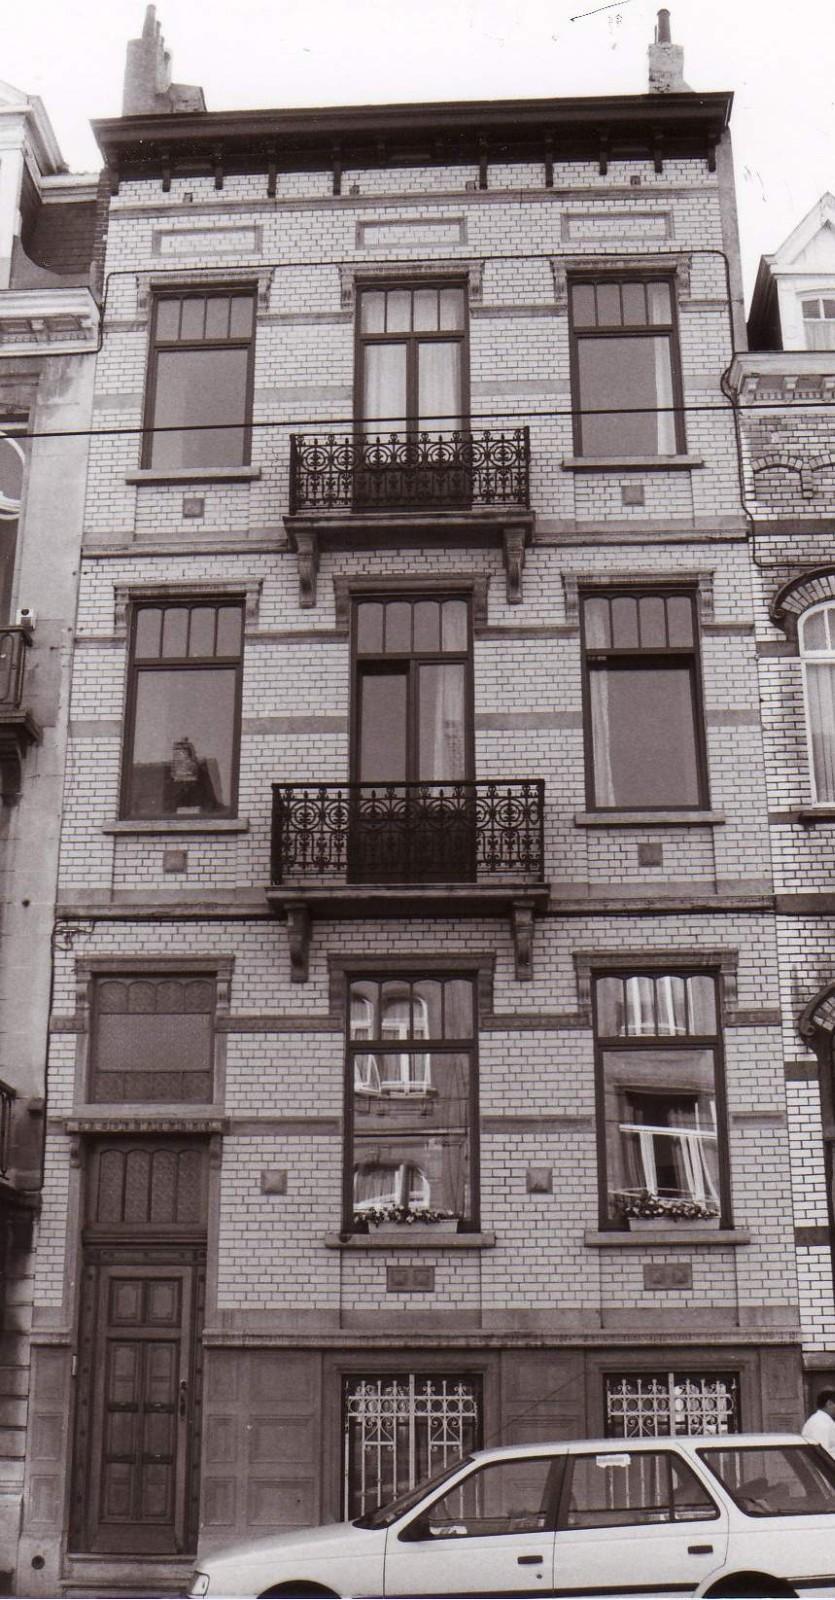 Avenue de la Chasse 167., 1994